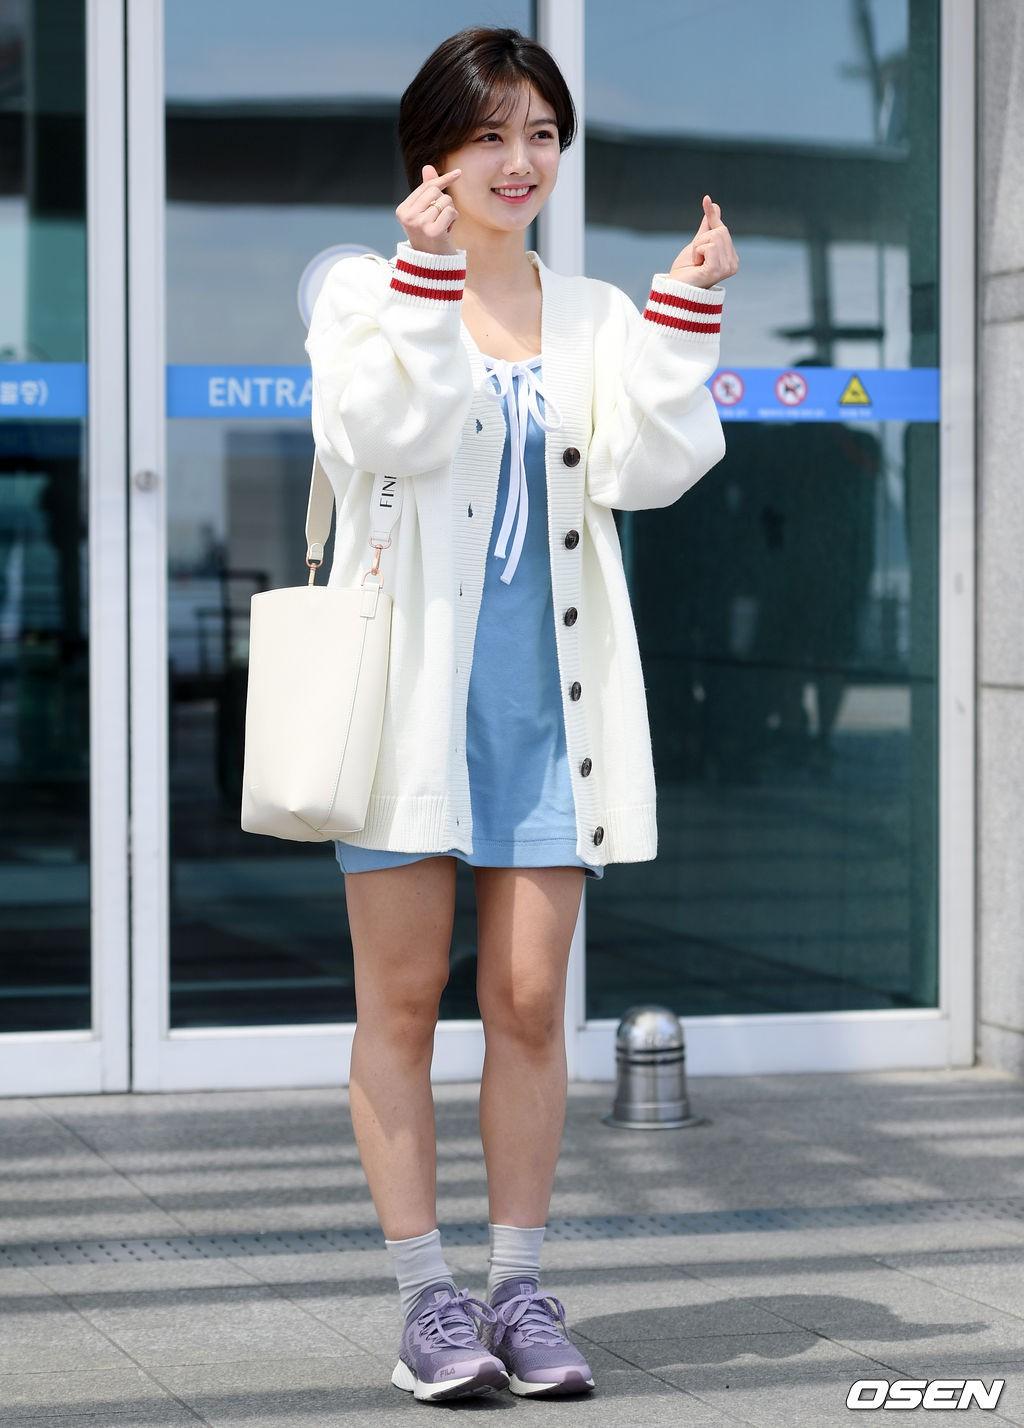 Sao nhí một thời Kim Yoo Jung quá xinh sau khi cắt tóc, Song Hye Kyo gây chú ý vì liên tục che bụng tại sân bay - Ảnh 5.